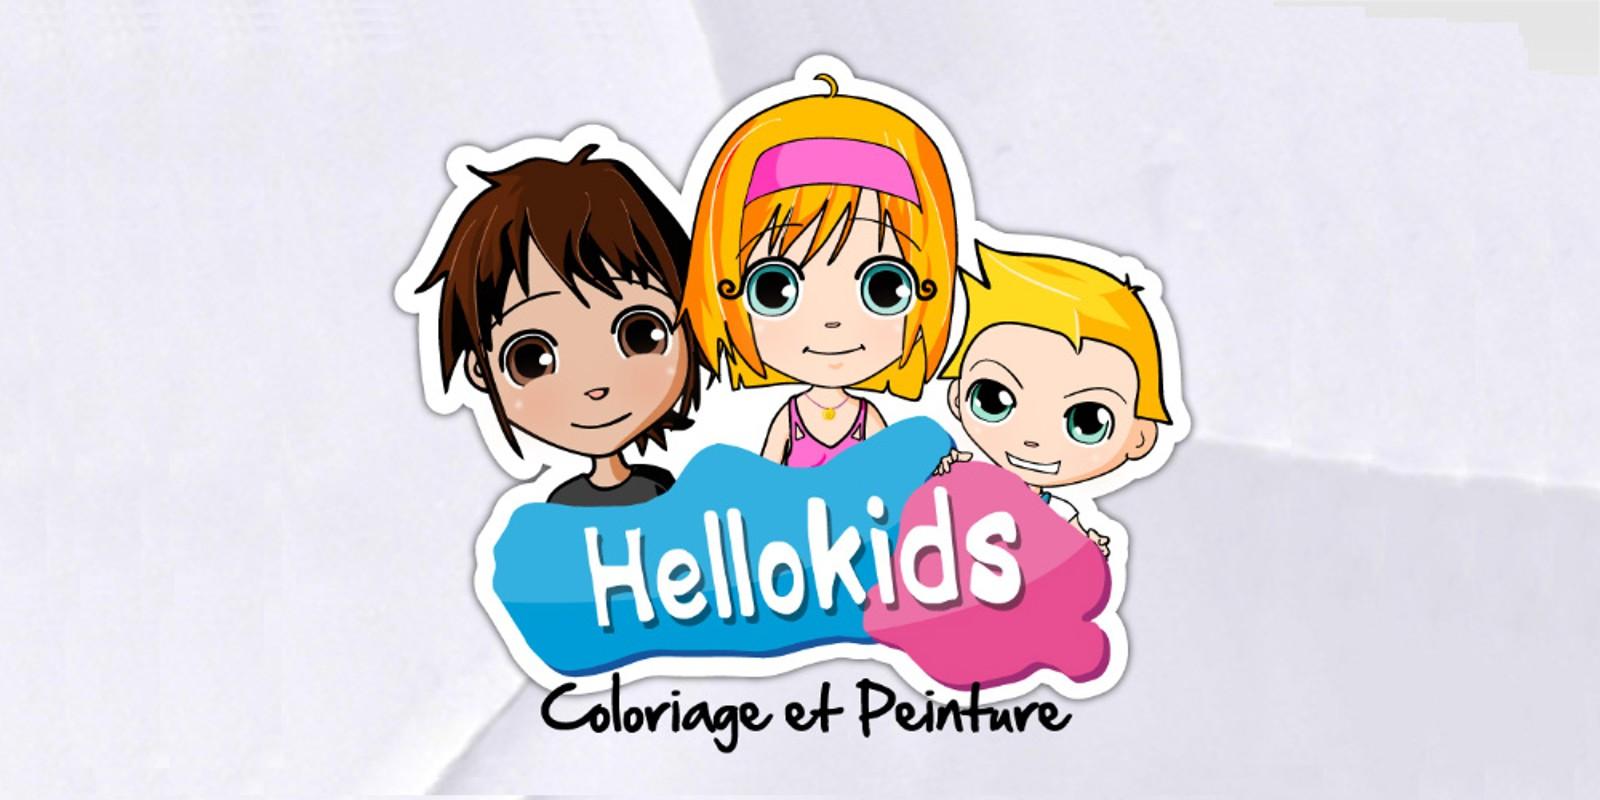 Hellokids Vol 1 Coloriage Et Peinture Nintendo Dsiware Jeux Nintendo